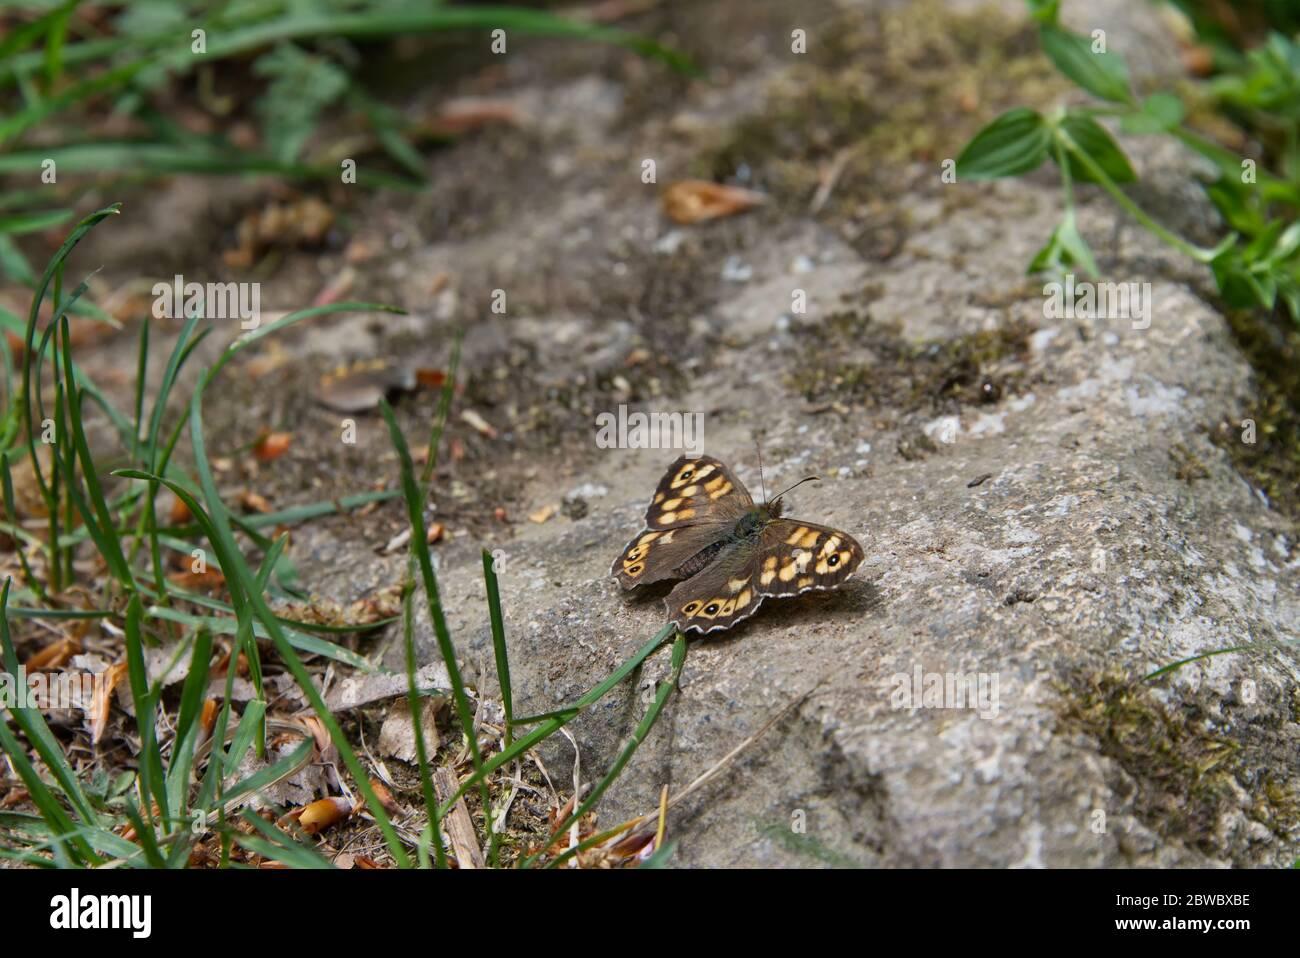 Mariposa con alas de color marrón aterrizó en una superficie de piedra, Papilionoidea familia insecto Foto de stock